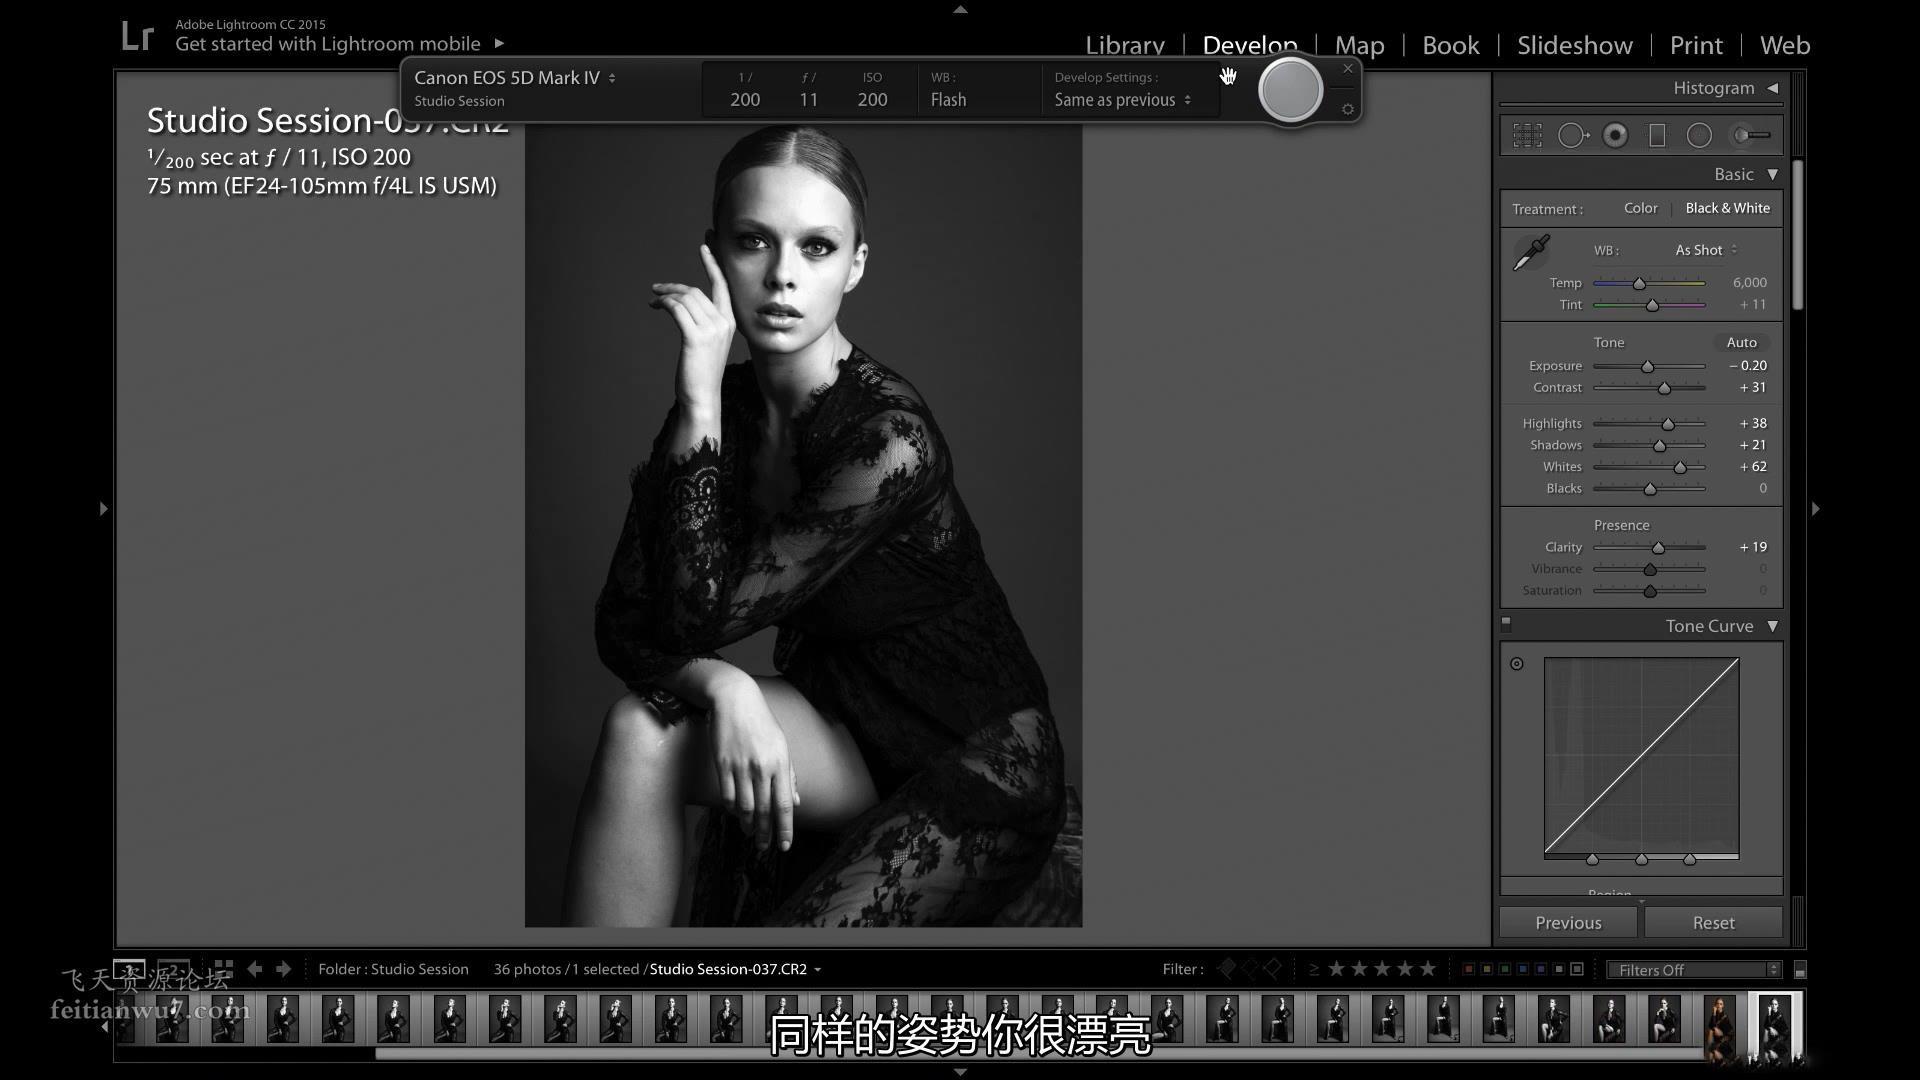 摄影教程_Lindsay Adler为期10周的工作室棚拍布光大师班教程-中文字幕 摄影教程 _预览图29